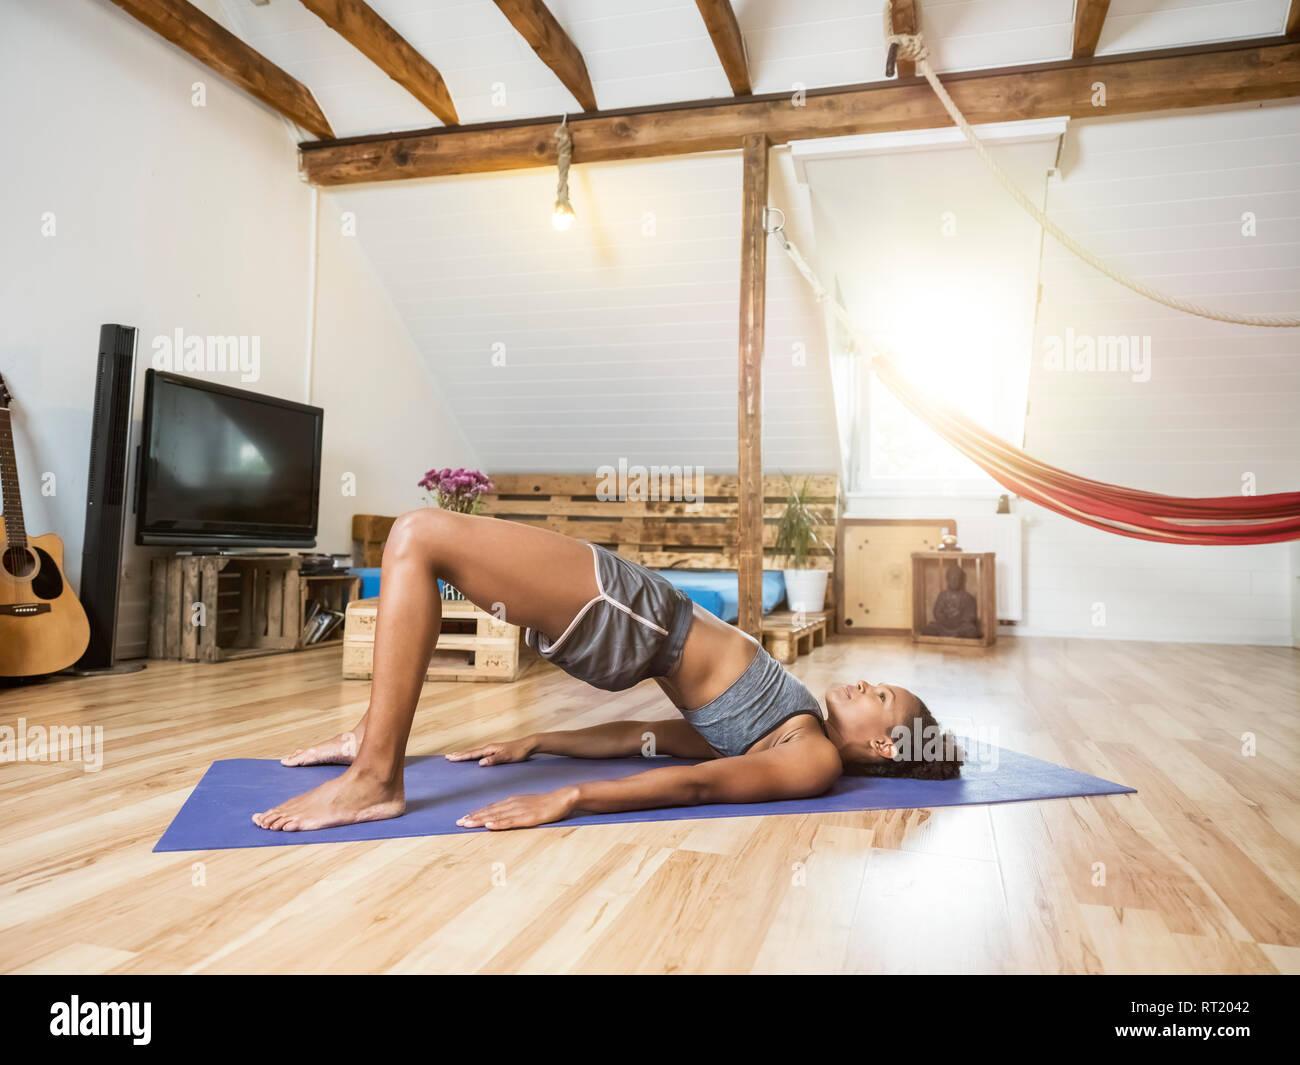 Mujer joven practicando yoga en buhardilla Imagen De Stock